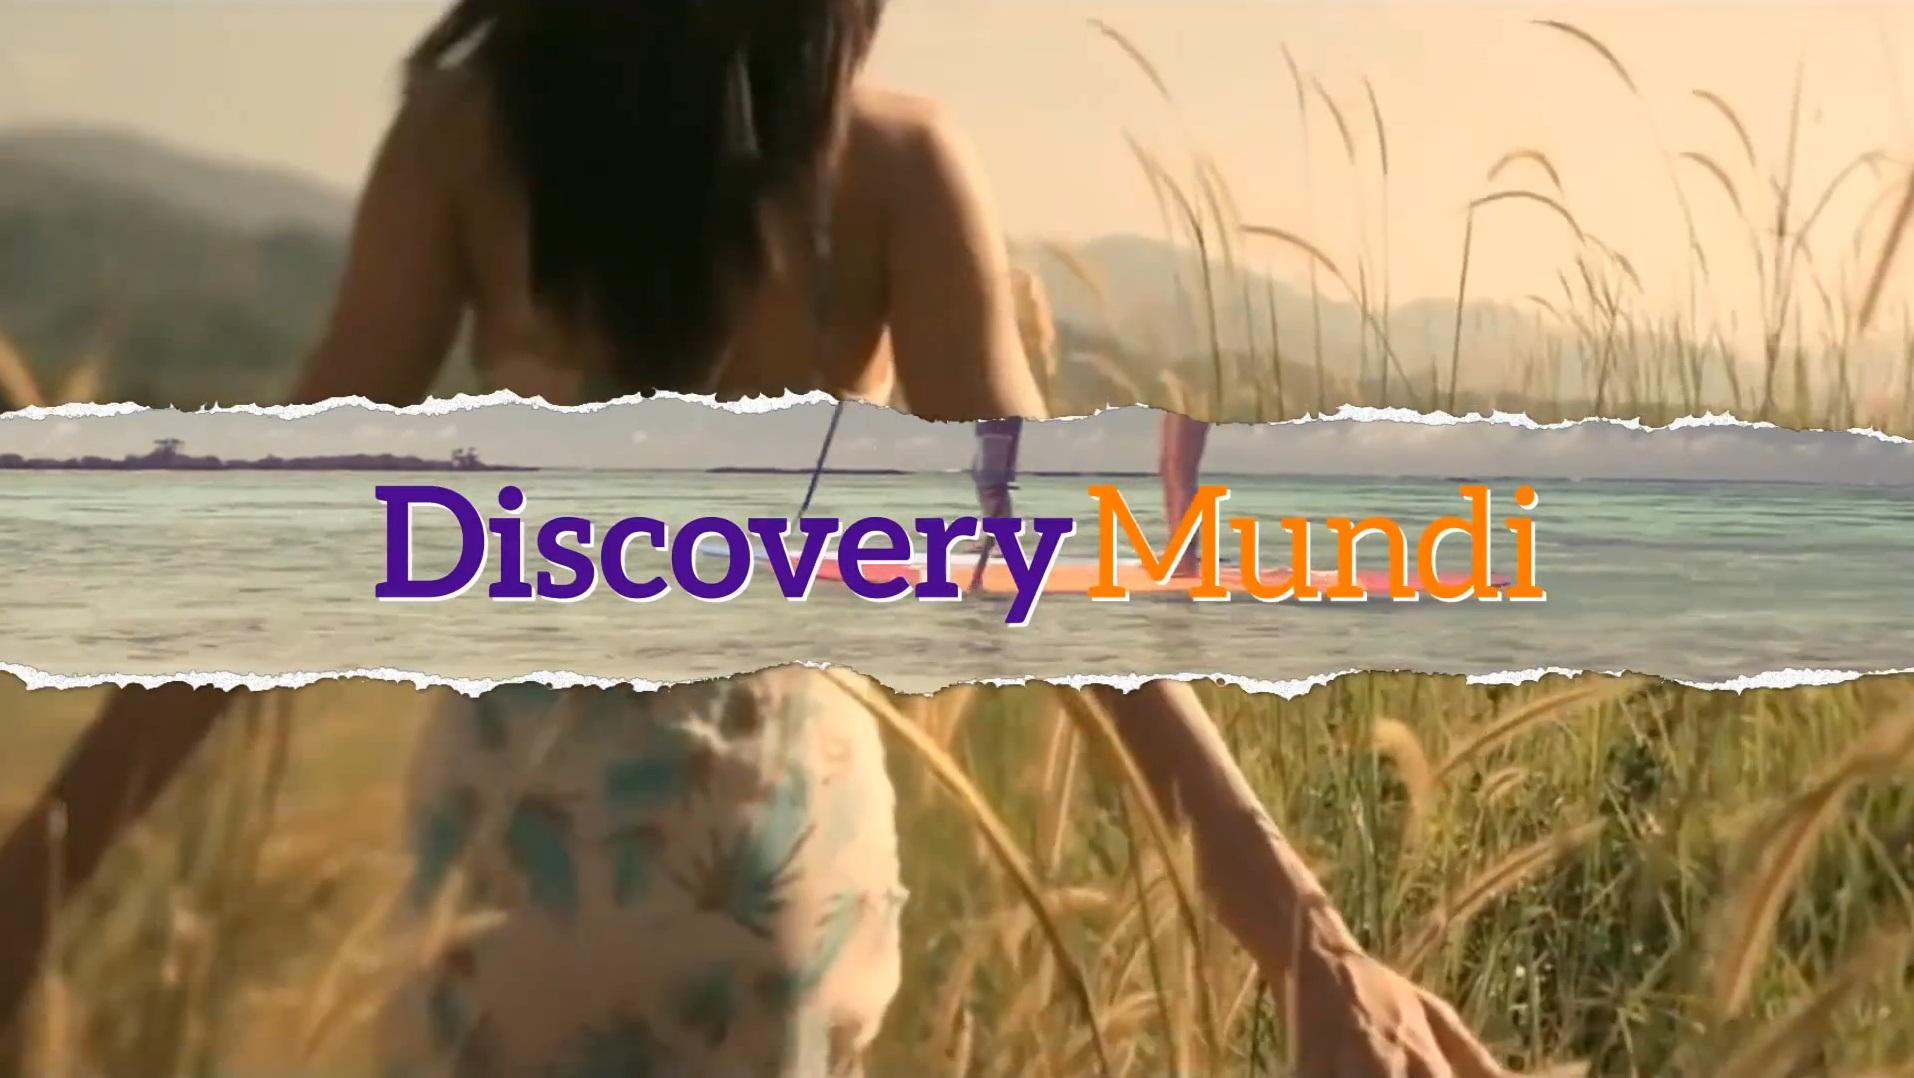 Промо ролик для туристической компании (испанский язык)